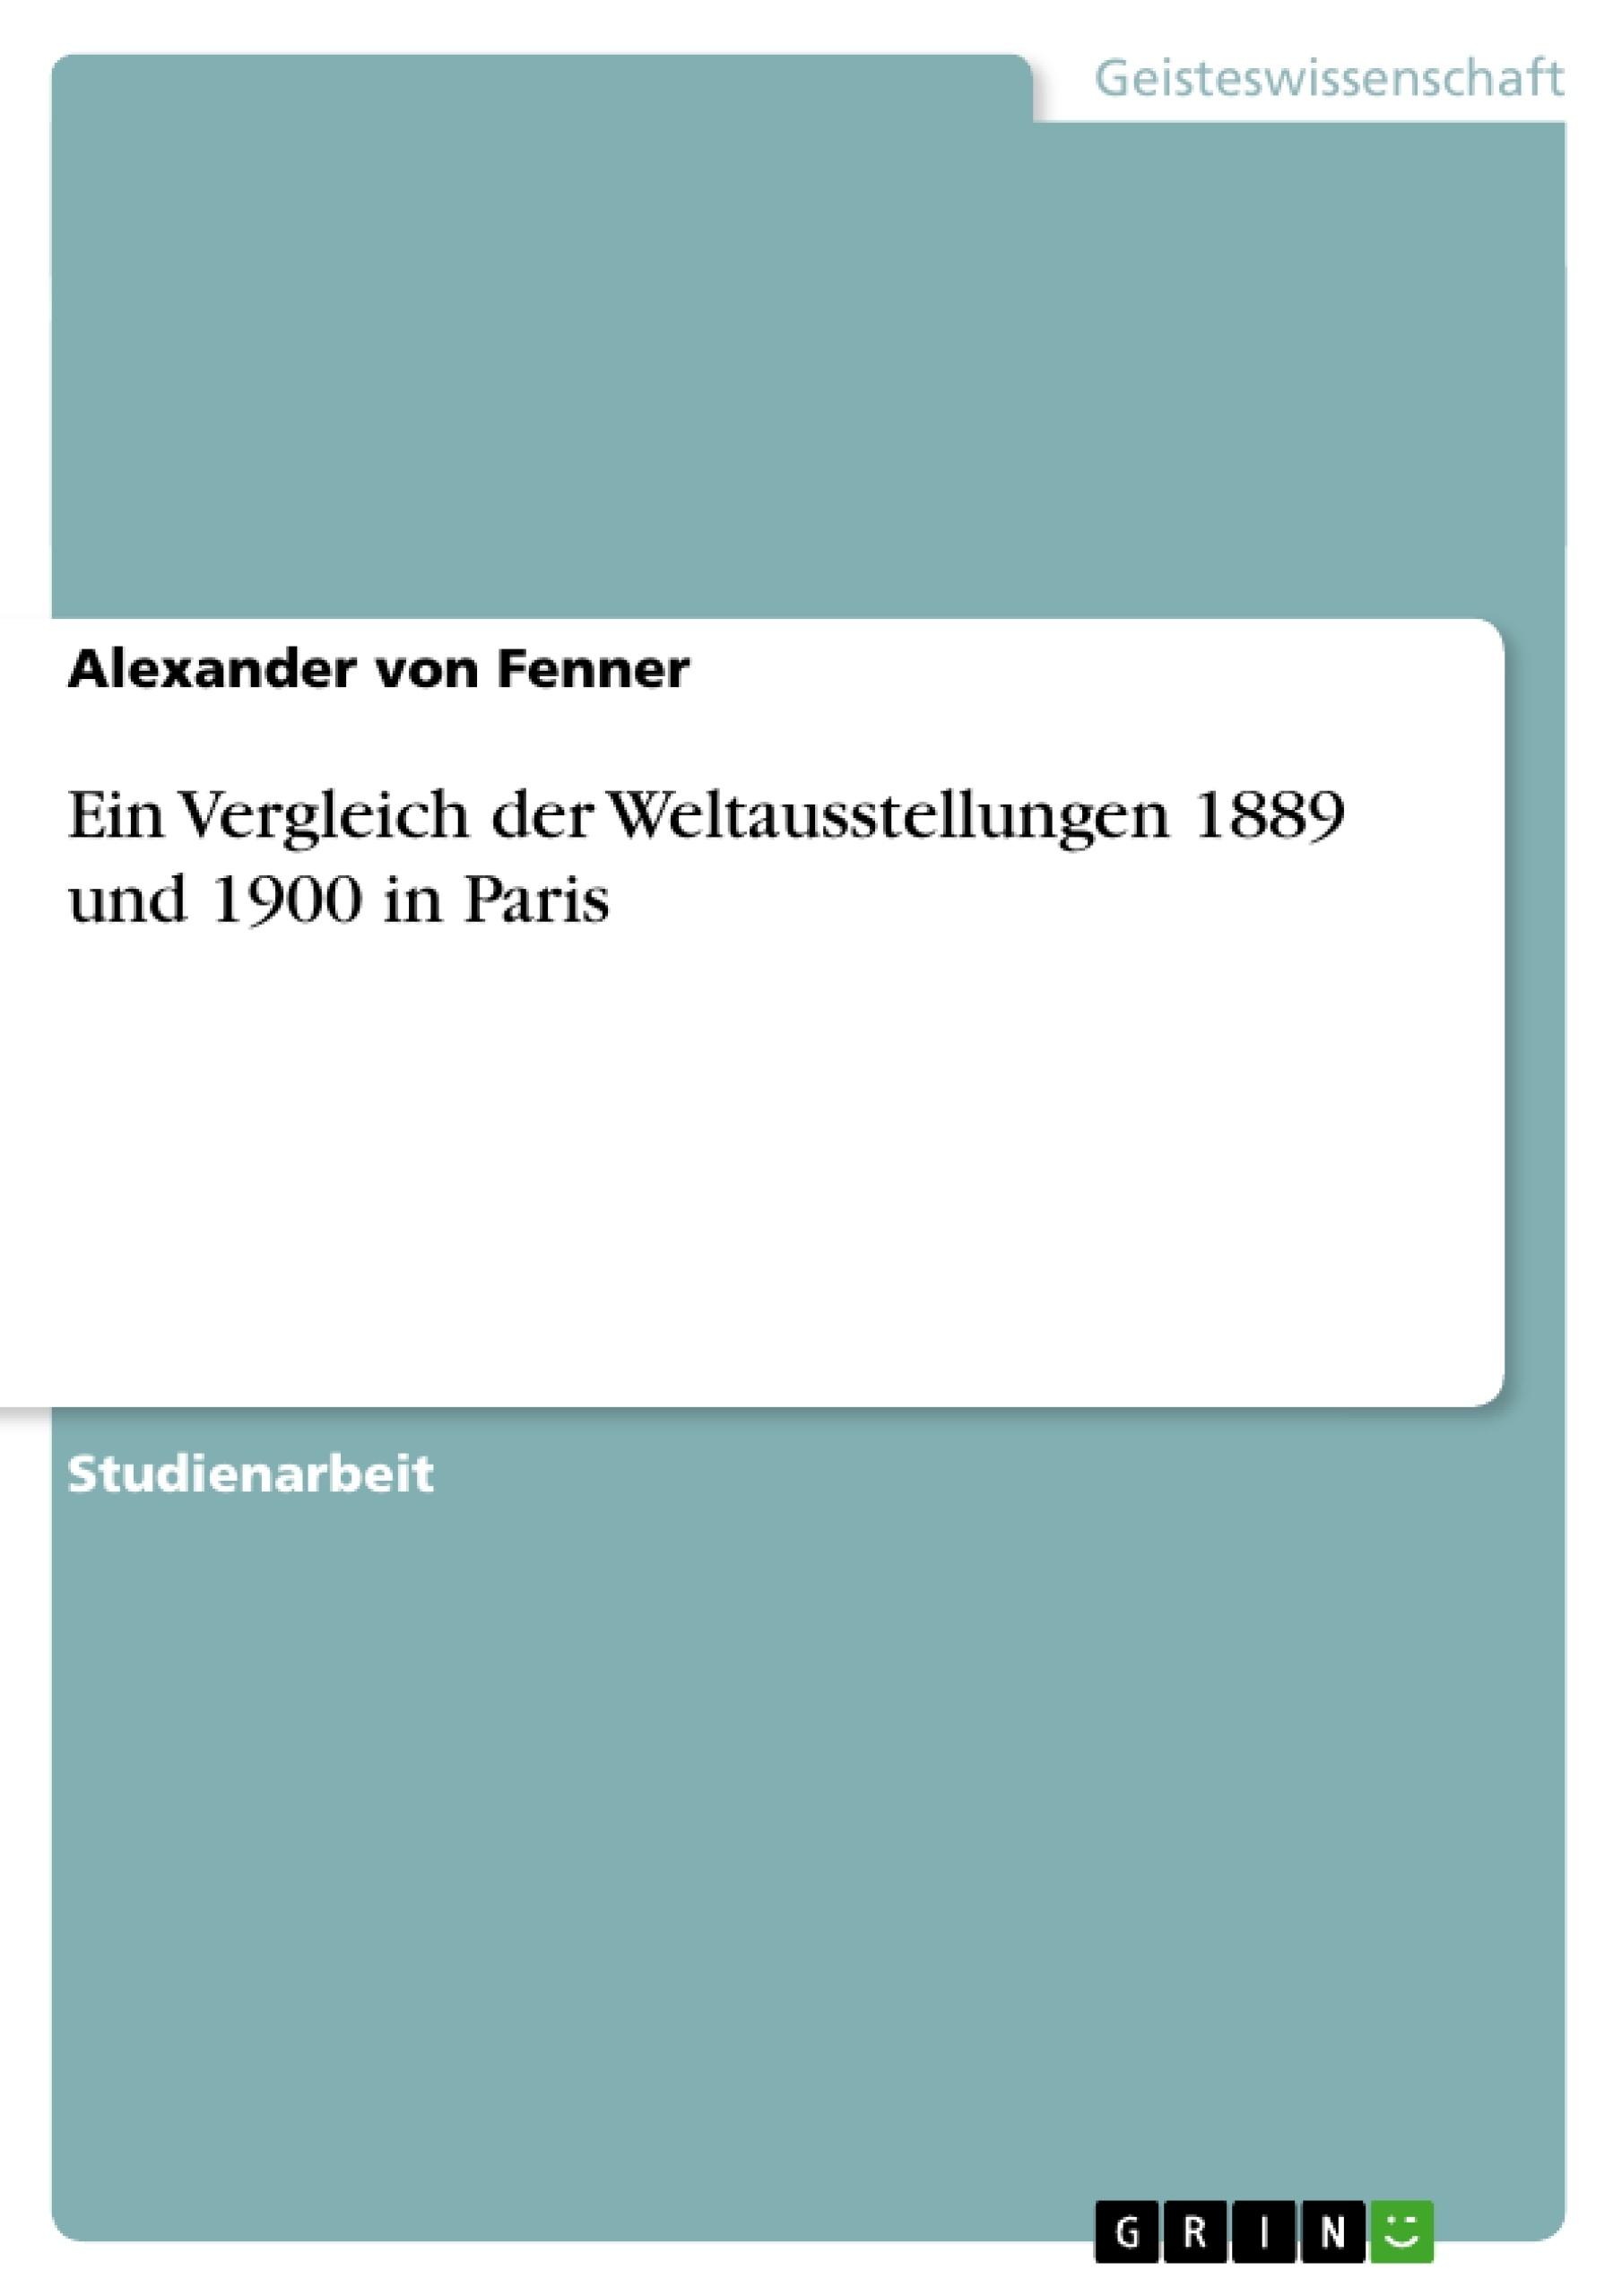 Titel: Ein Vergleich der Weltausstellungen 1889 und 1900 in Paris